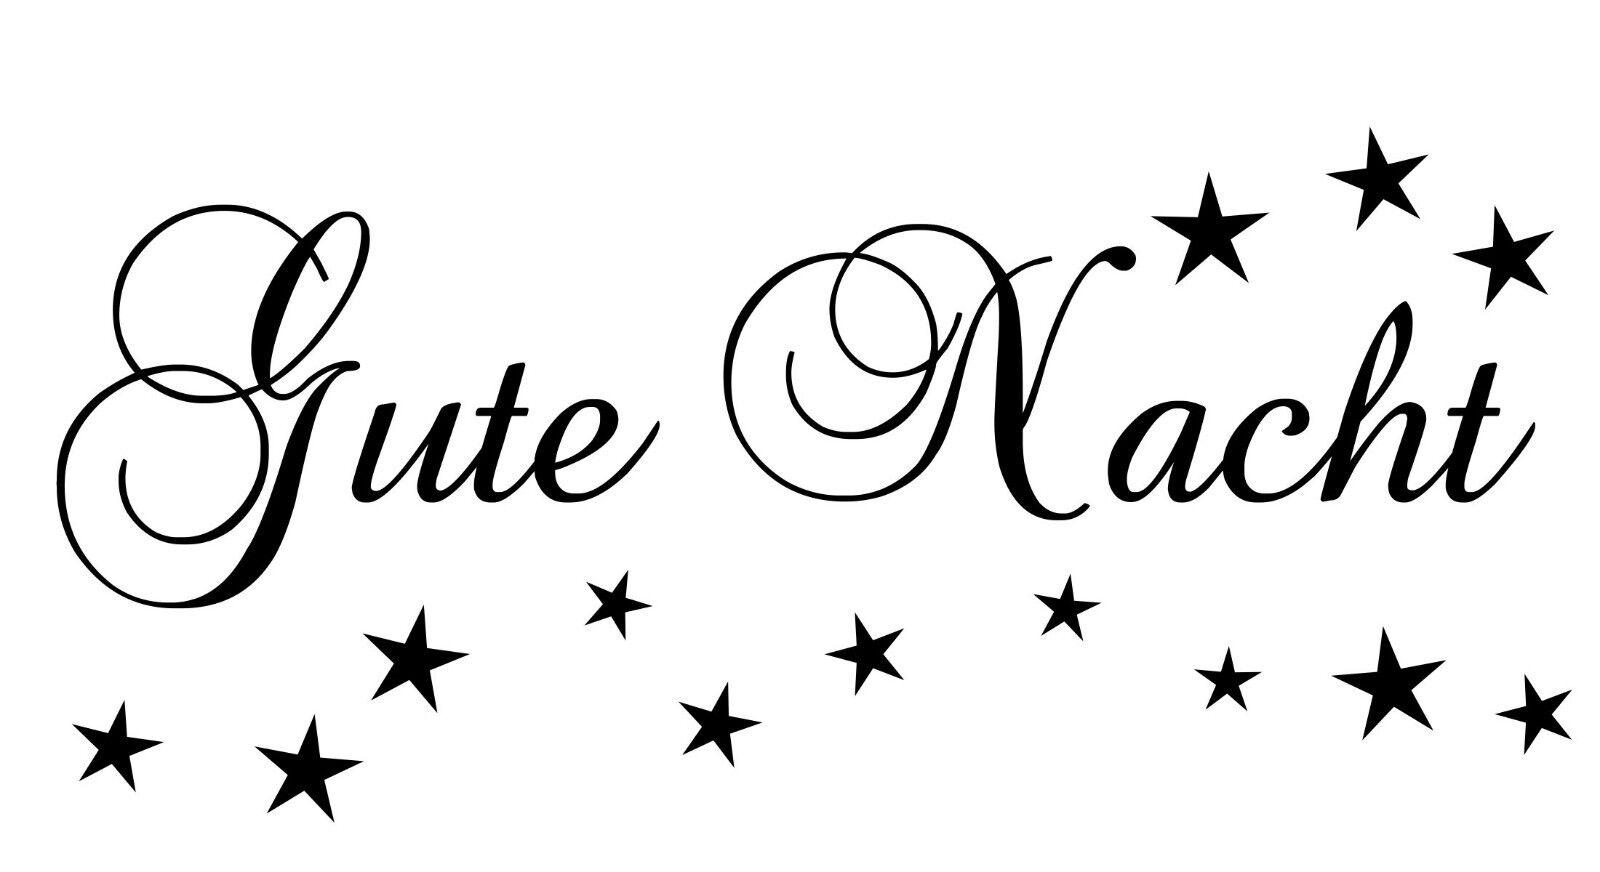 Wandtattoo Wandaufkleber Schlafzimmer Kinderzimmer Gute Nacht +Sterne